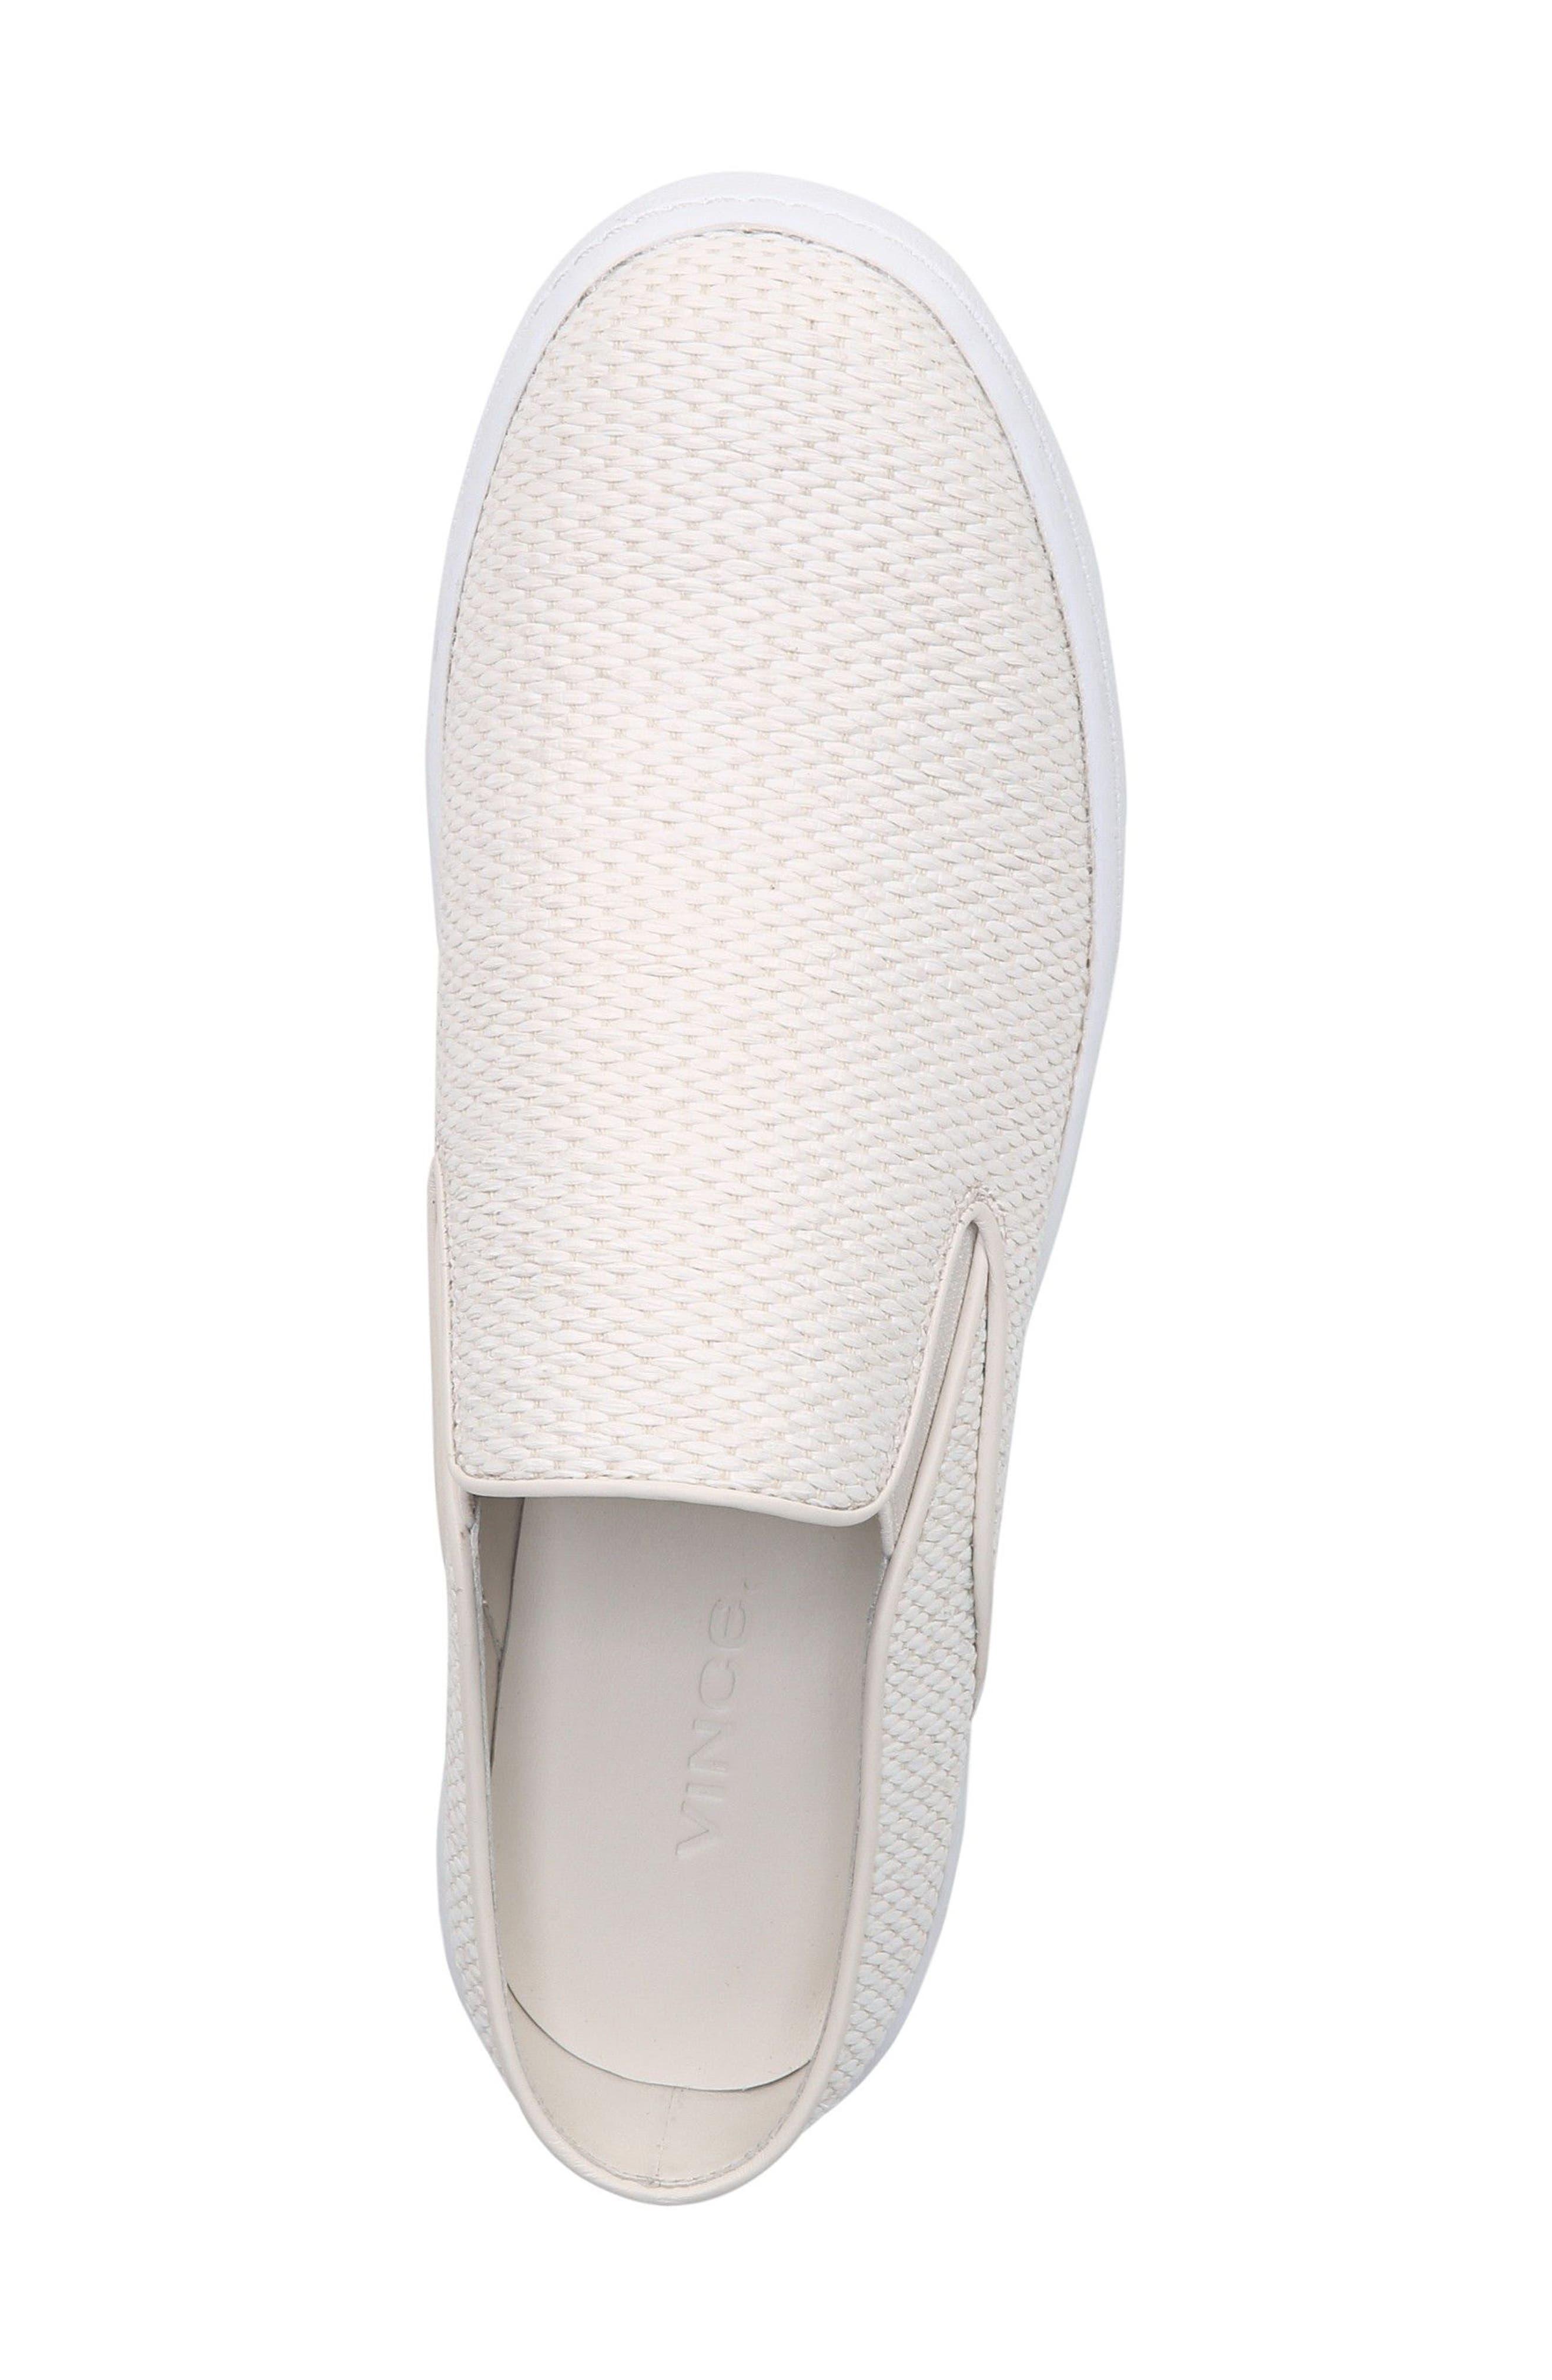 Verrell Slip-On Sneaker,                             Alternate thumbnail 2, color,                             Offwhite